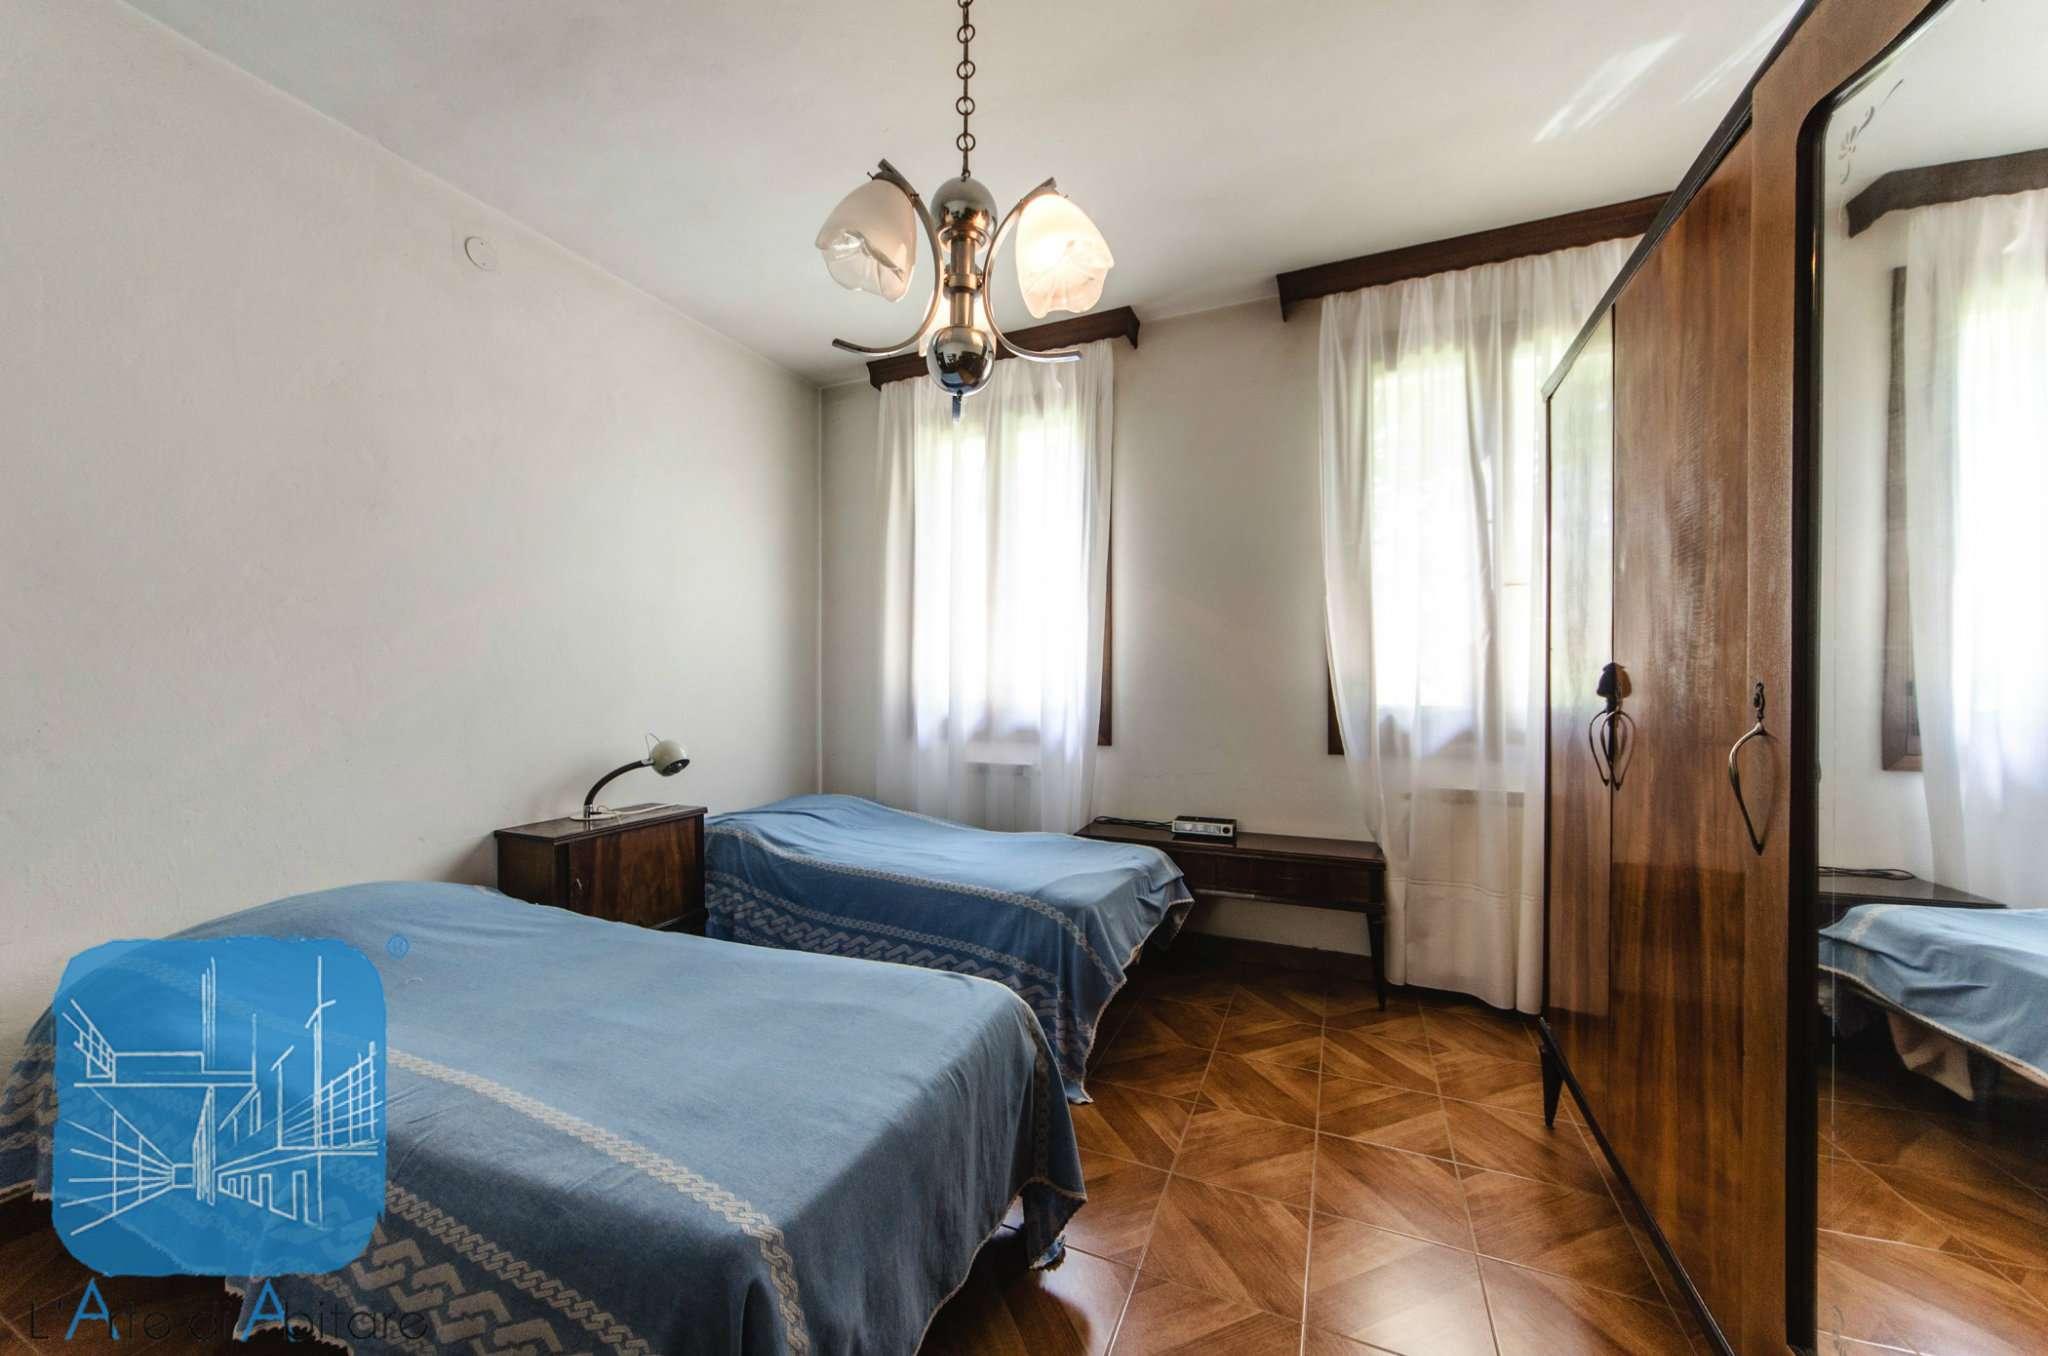 Soluzione Indipendente in vendita a Campolongo Maggiore, 6 locali, prezzo € 240.000 | CambioCasa.it